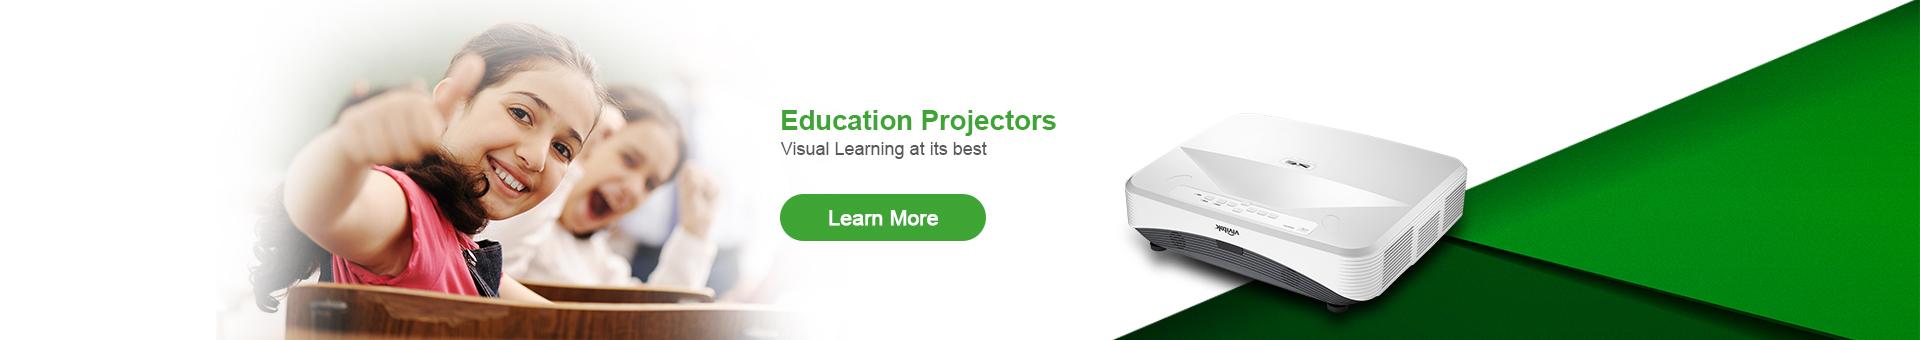 Educational Projectors